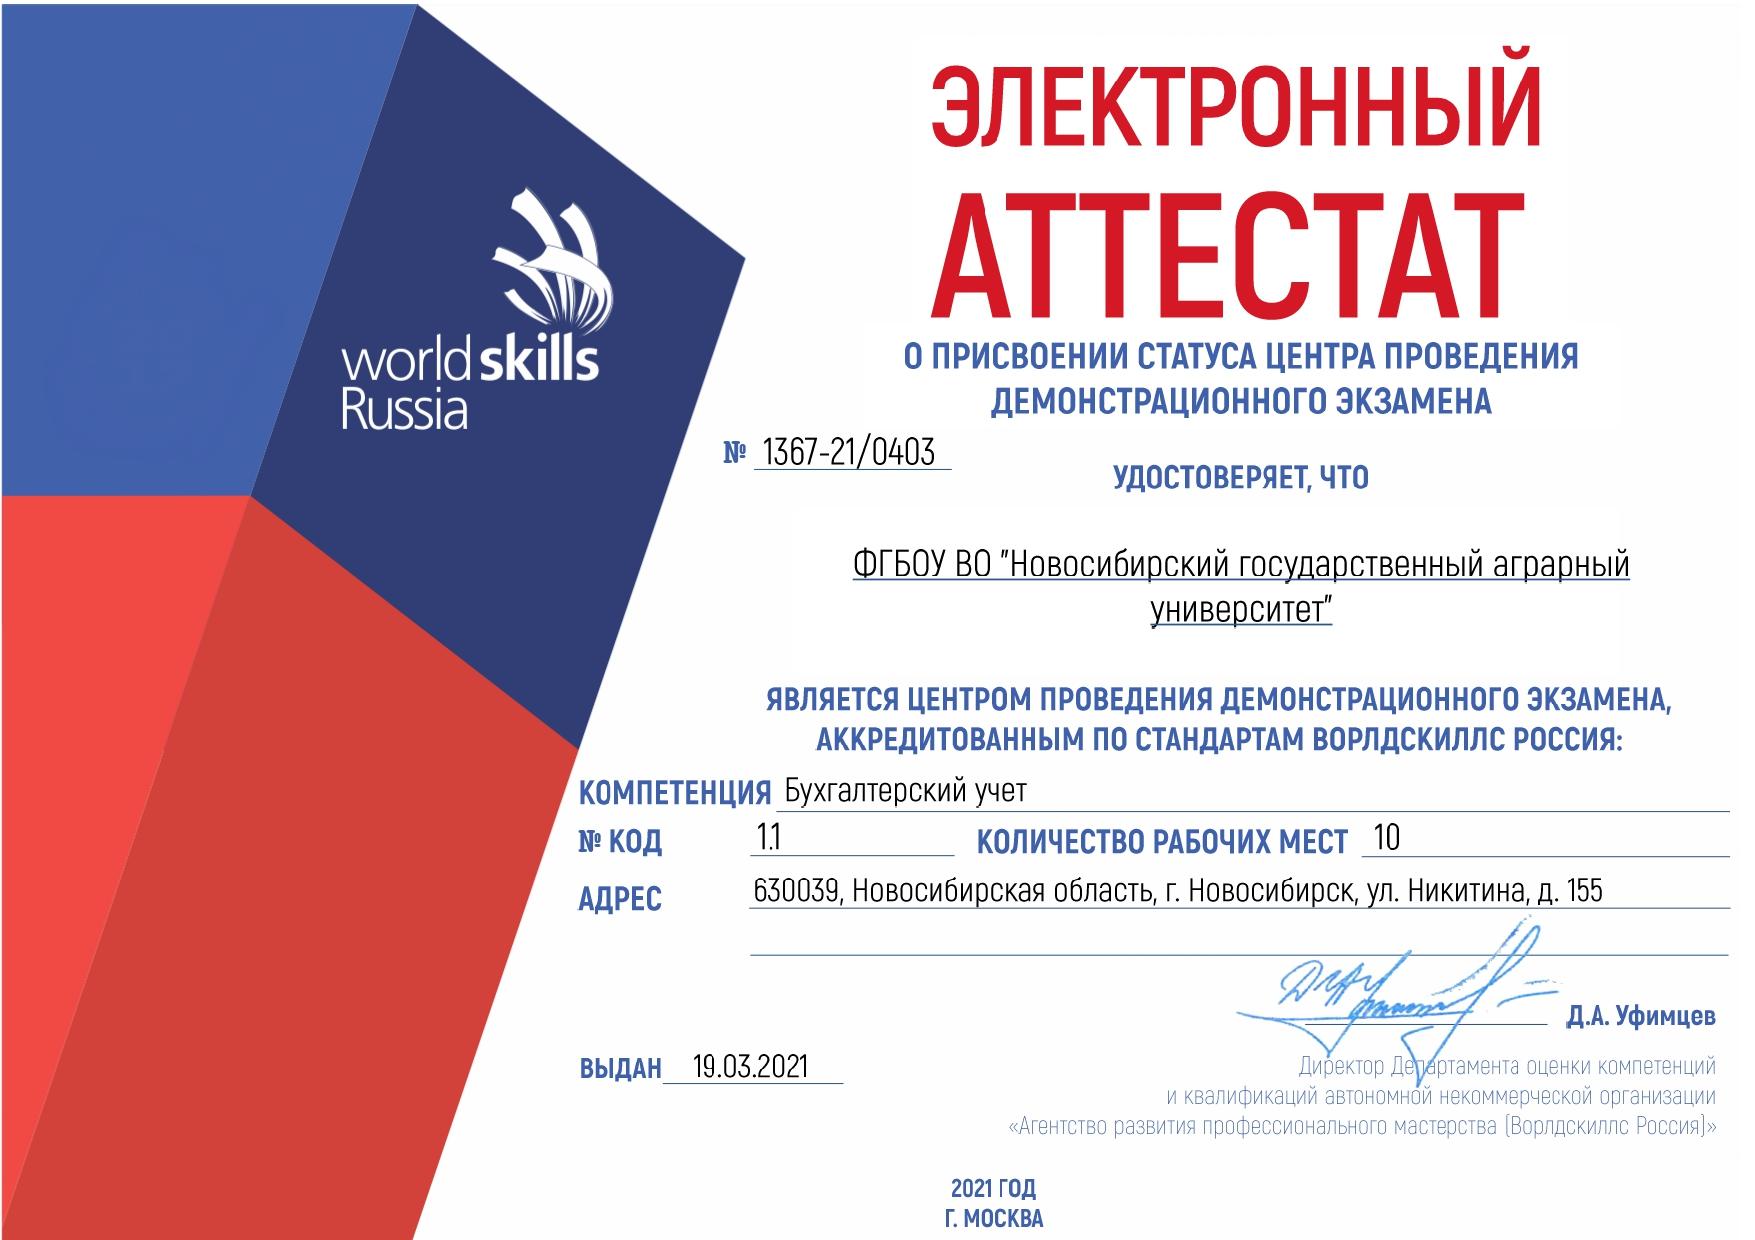 Аттестат о присвоении статуса «Центра проведения демонстрационного экзамена»